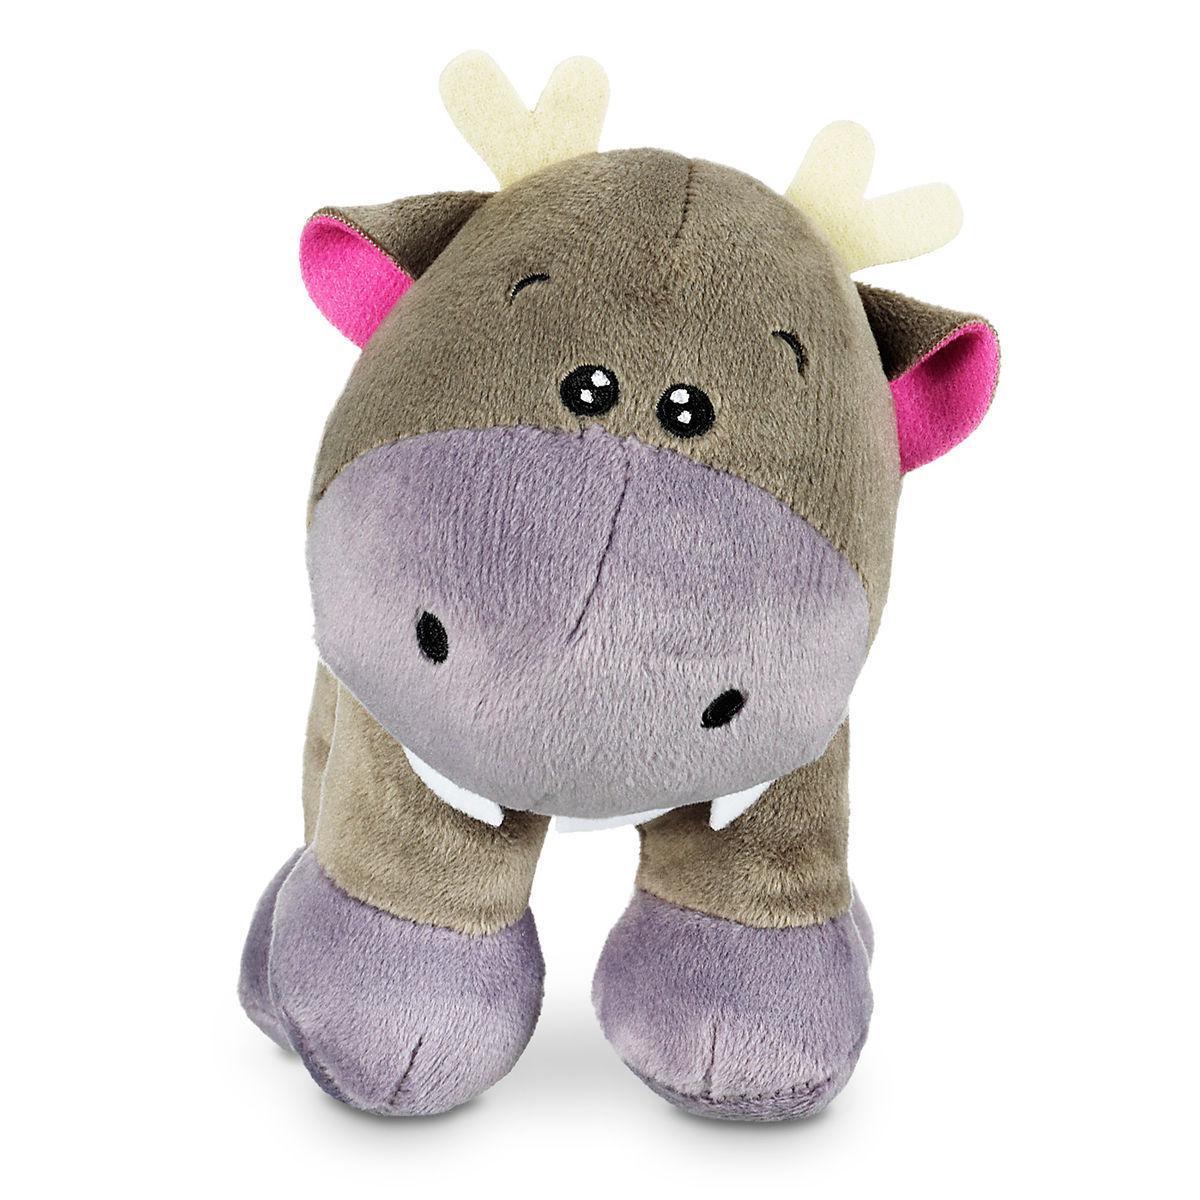 Disney Animators мягкая игрушка олень Свен в детстве 14см - Холодное с